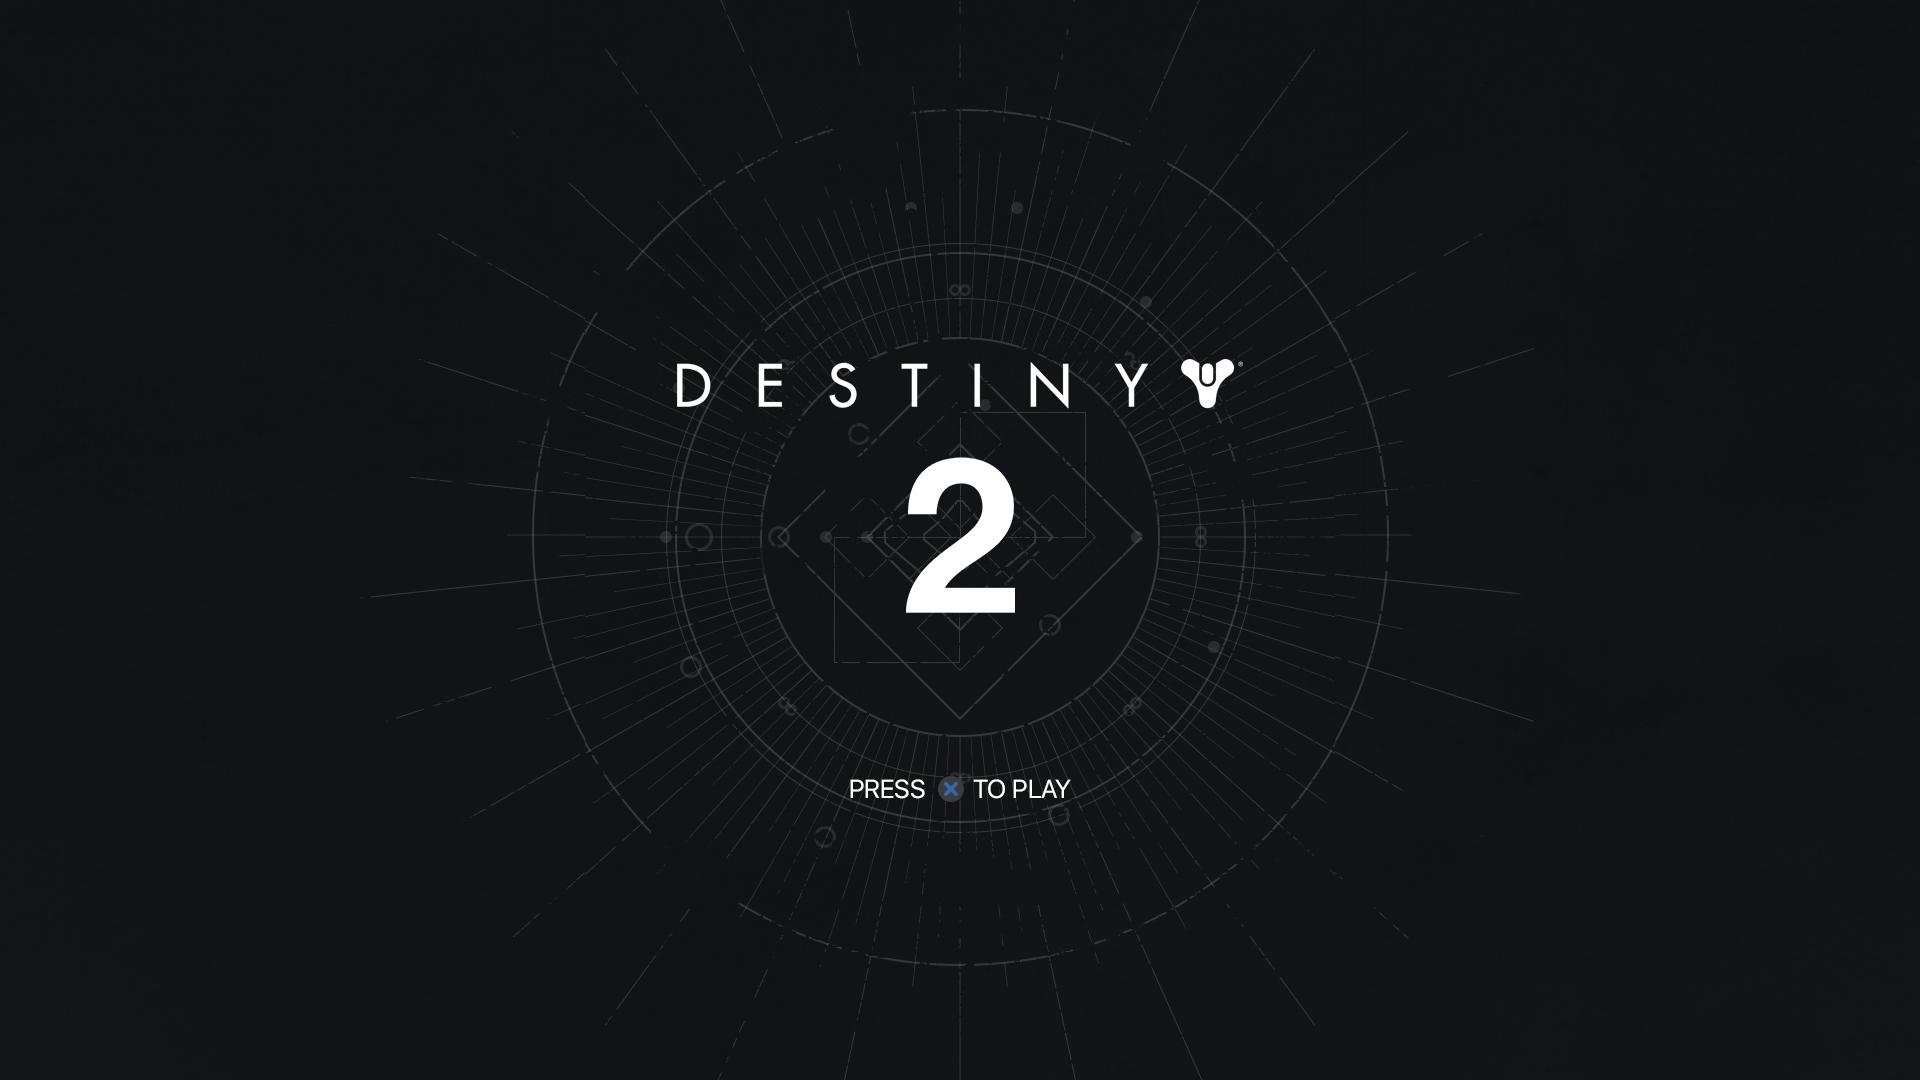 Destiny 2 Home Screen Wallpaper 61912